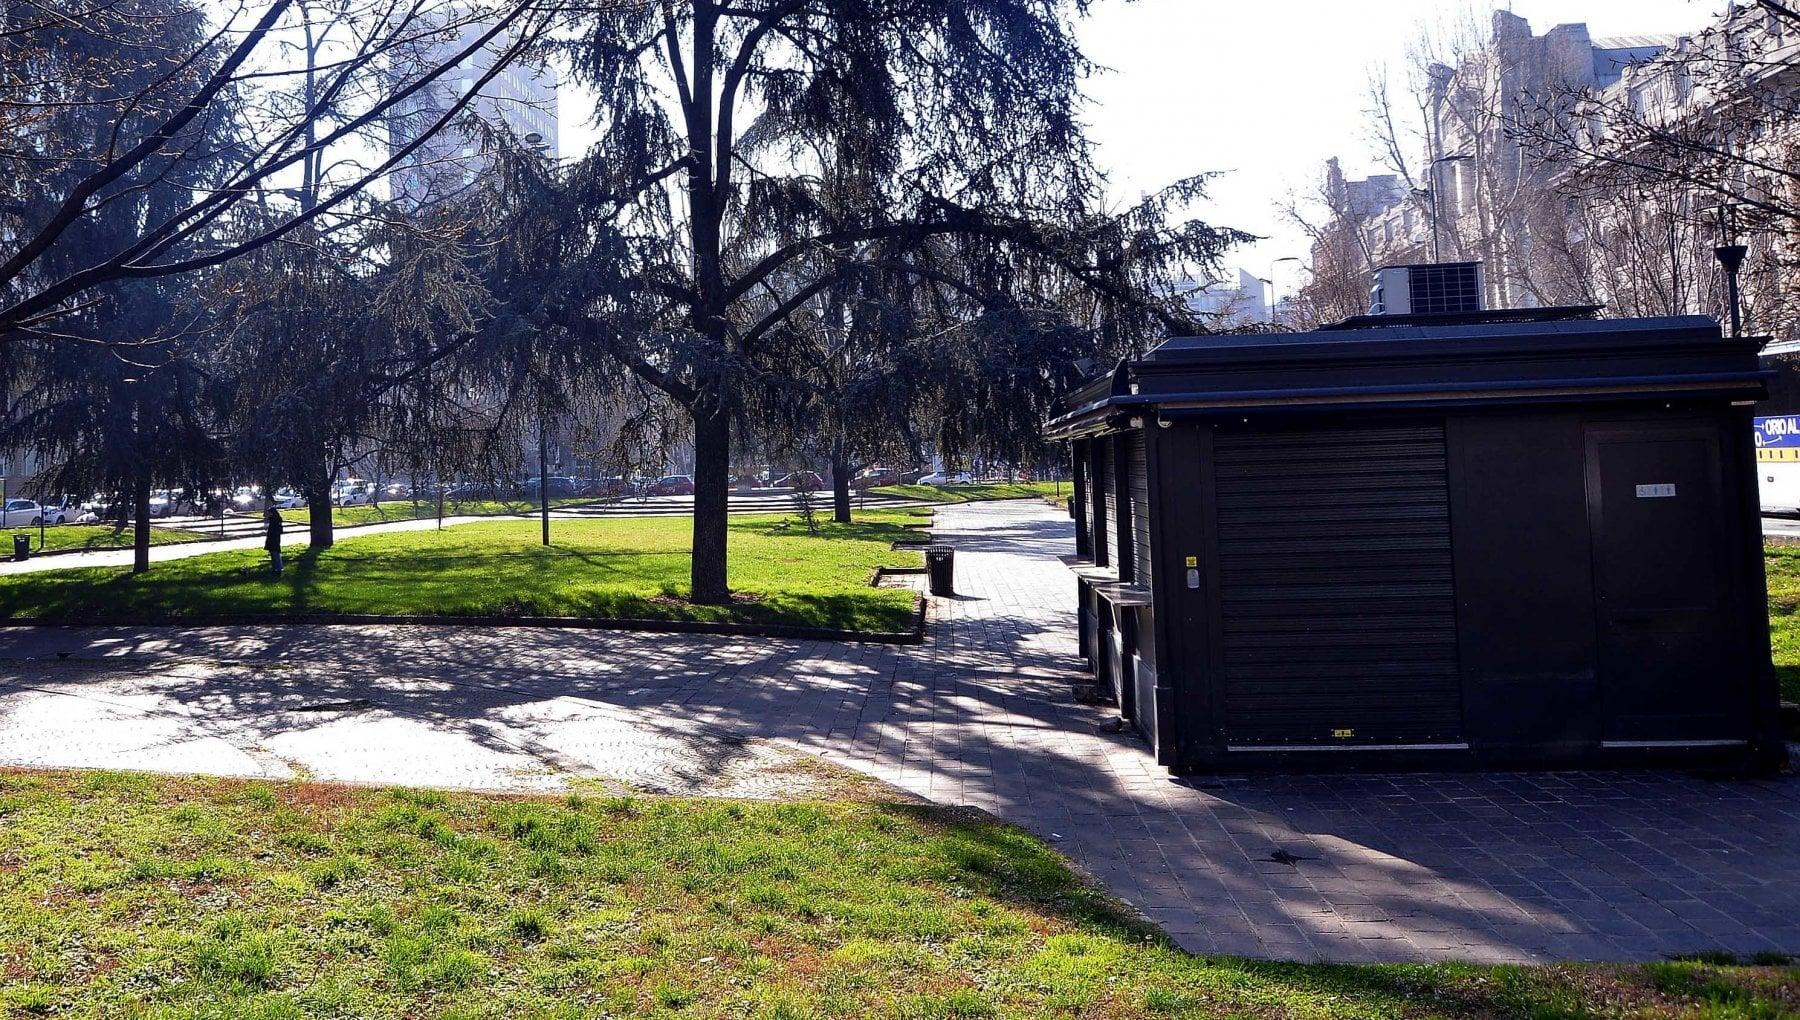 Il parco per i bambini vietato agli adulti patrocinato dallUnicef lavori in corso a Milano